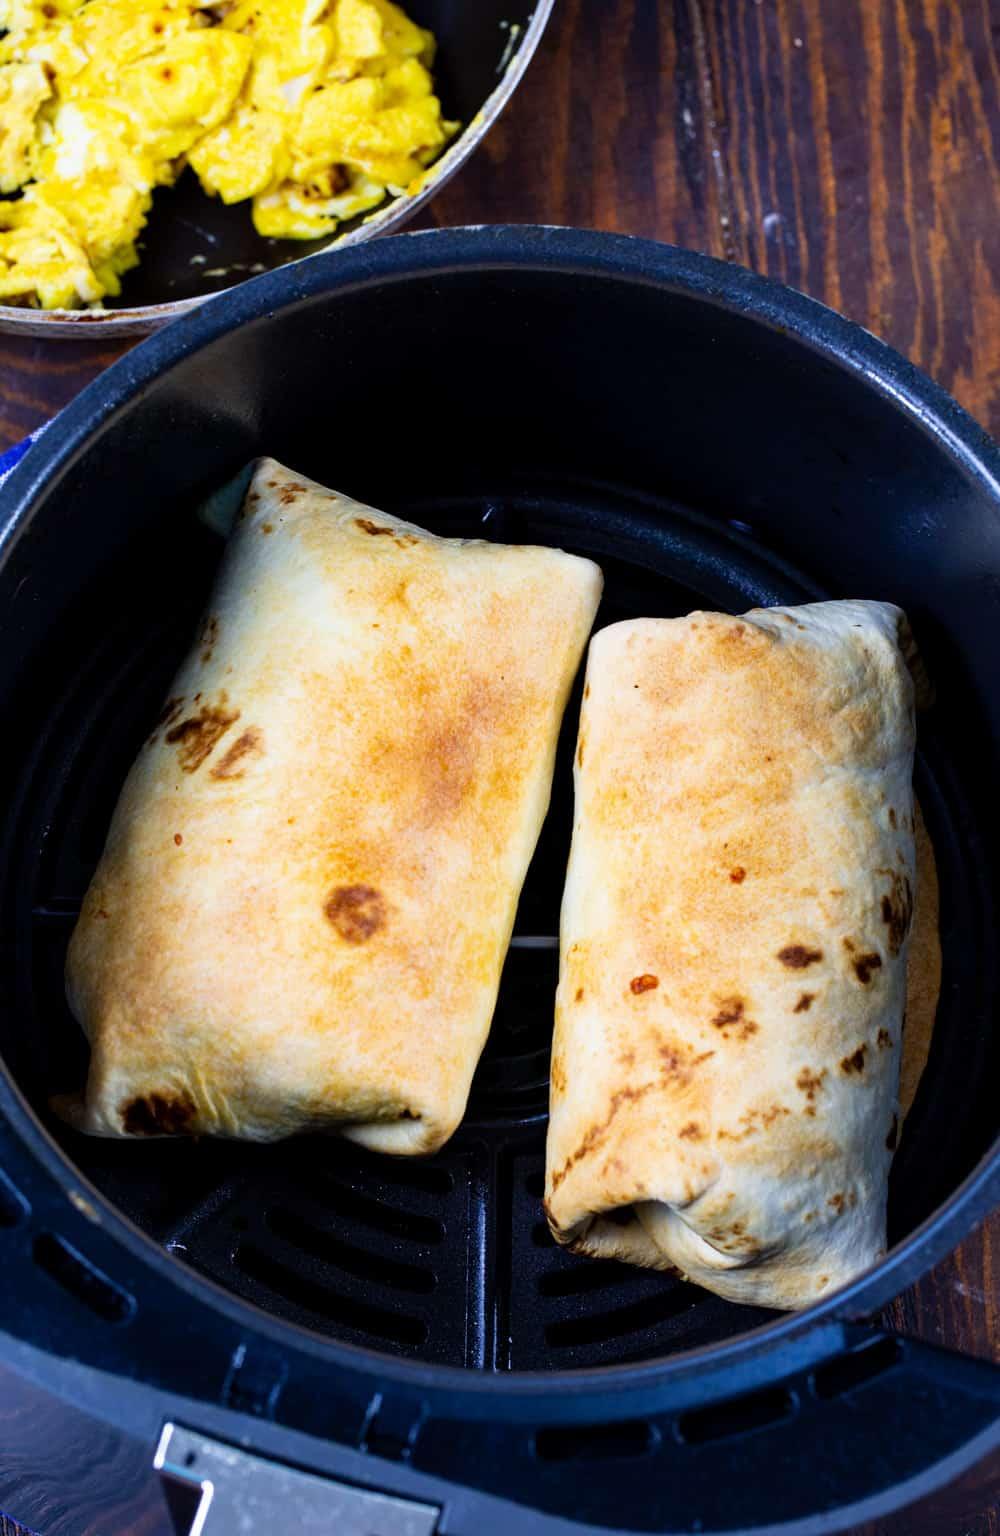 Two Breakfast Burritos in air fryer.